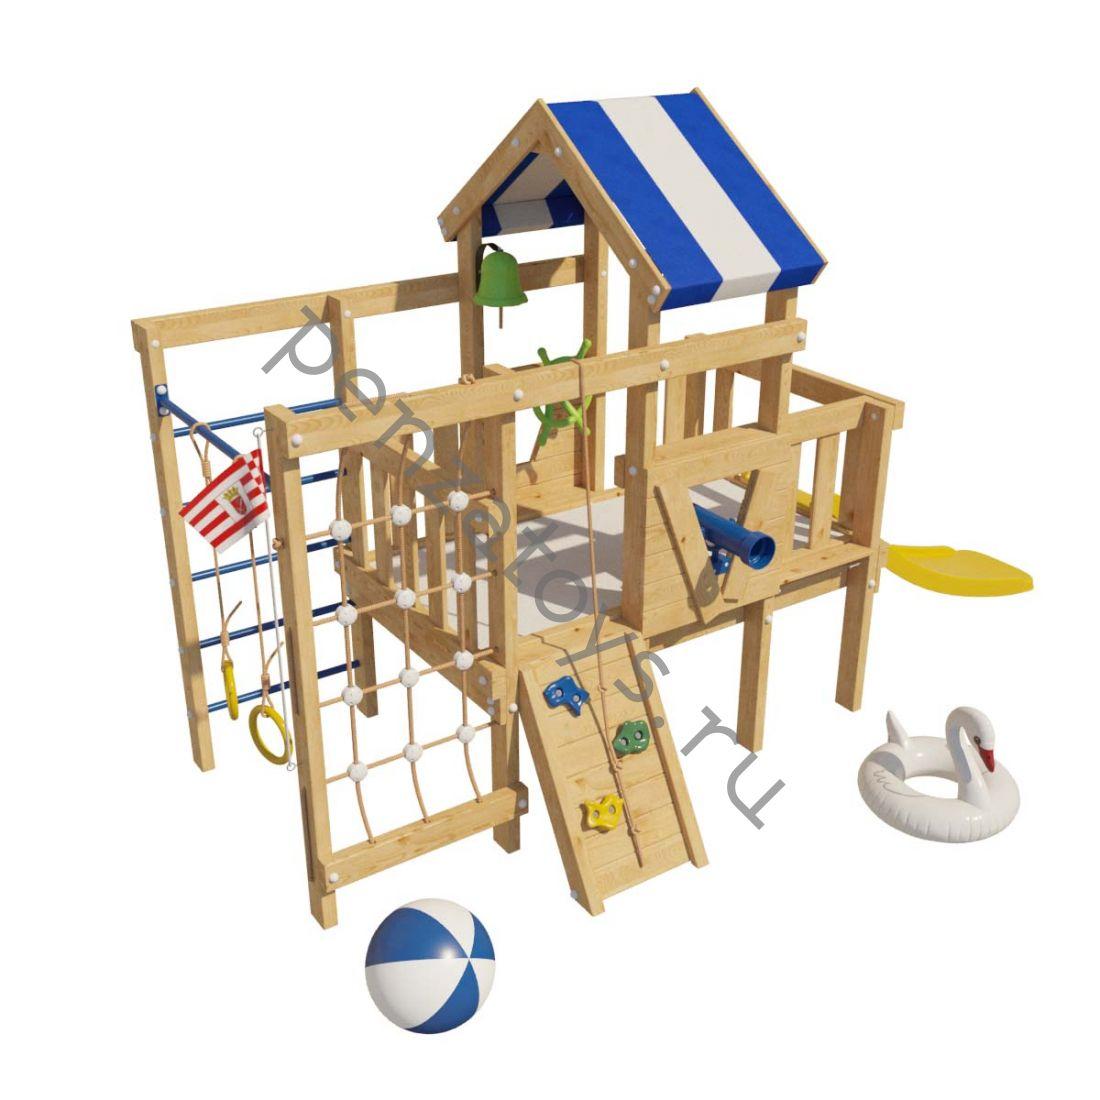 Детская игровая площадка/чердак ДОРИ для дома и дачи